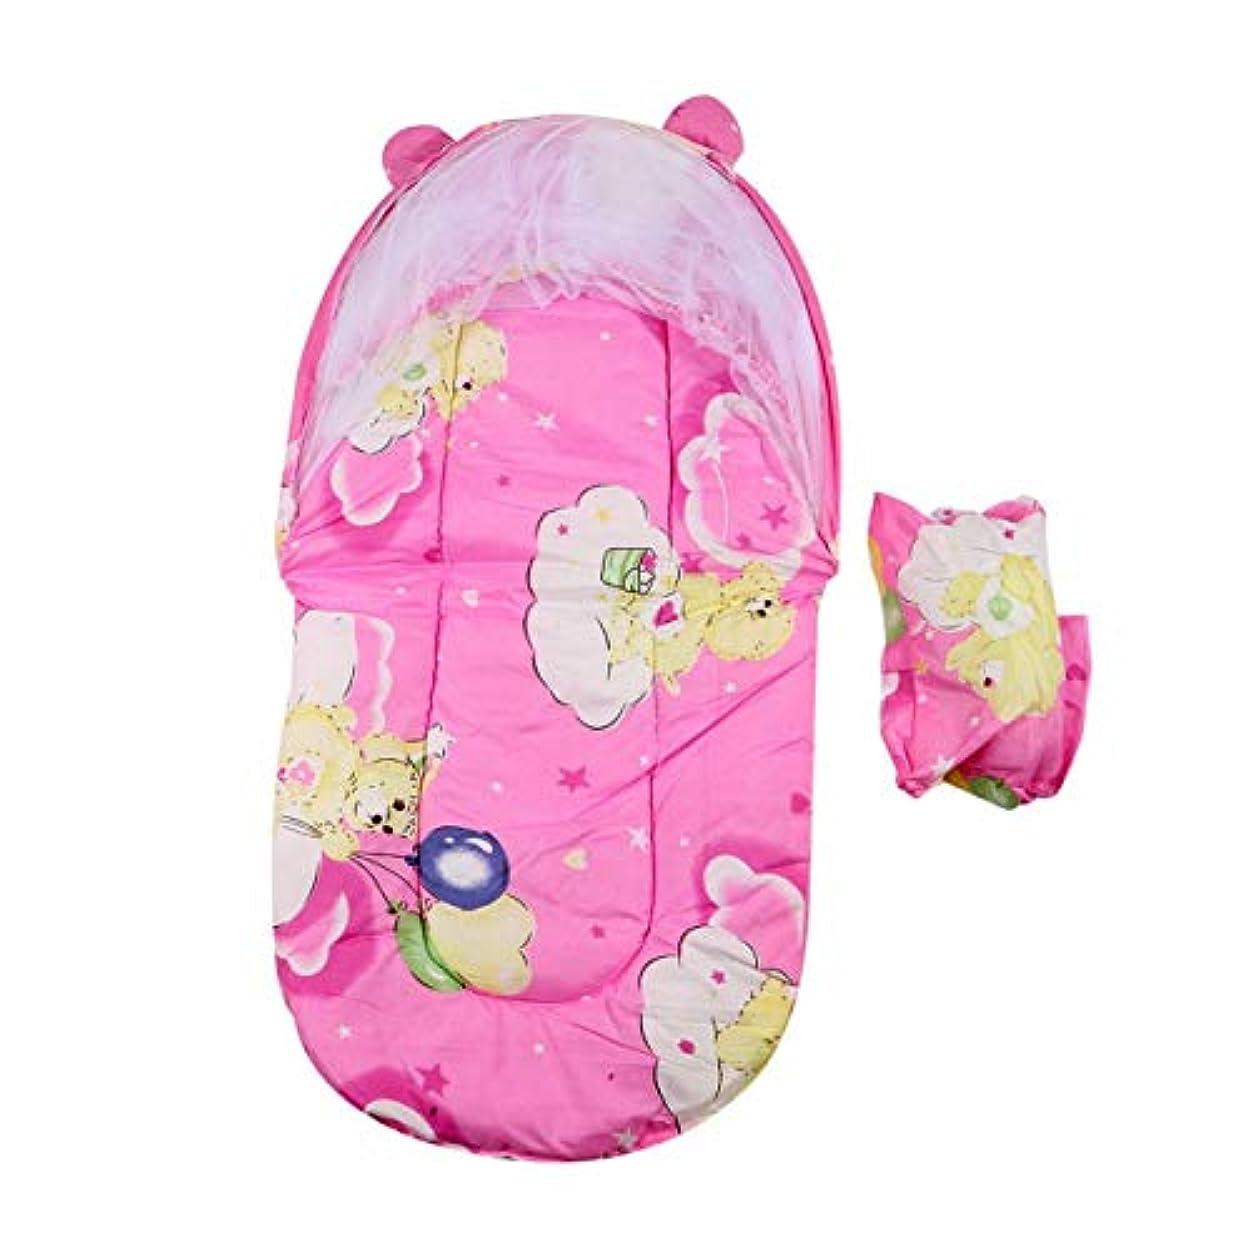 発生するナプキンシンクSaikogoods 折り畳み式の新しい赤ん坊の綿パッド入りマットレス幼児枕ベッド蚊帳テントはキッズベビーベッドアクセサリーハングドームフロアスタンド ピンク